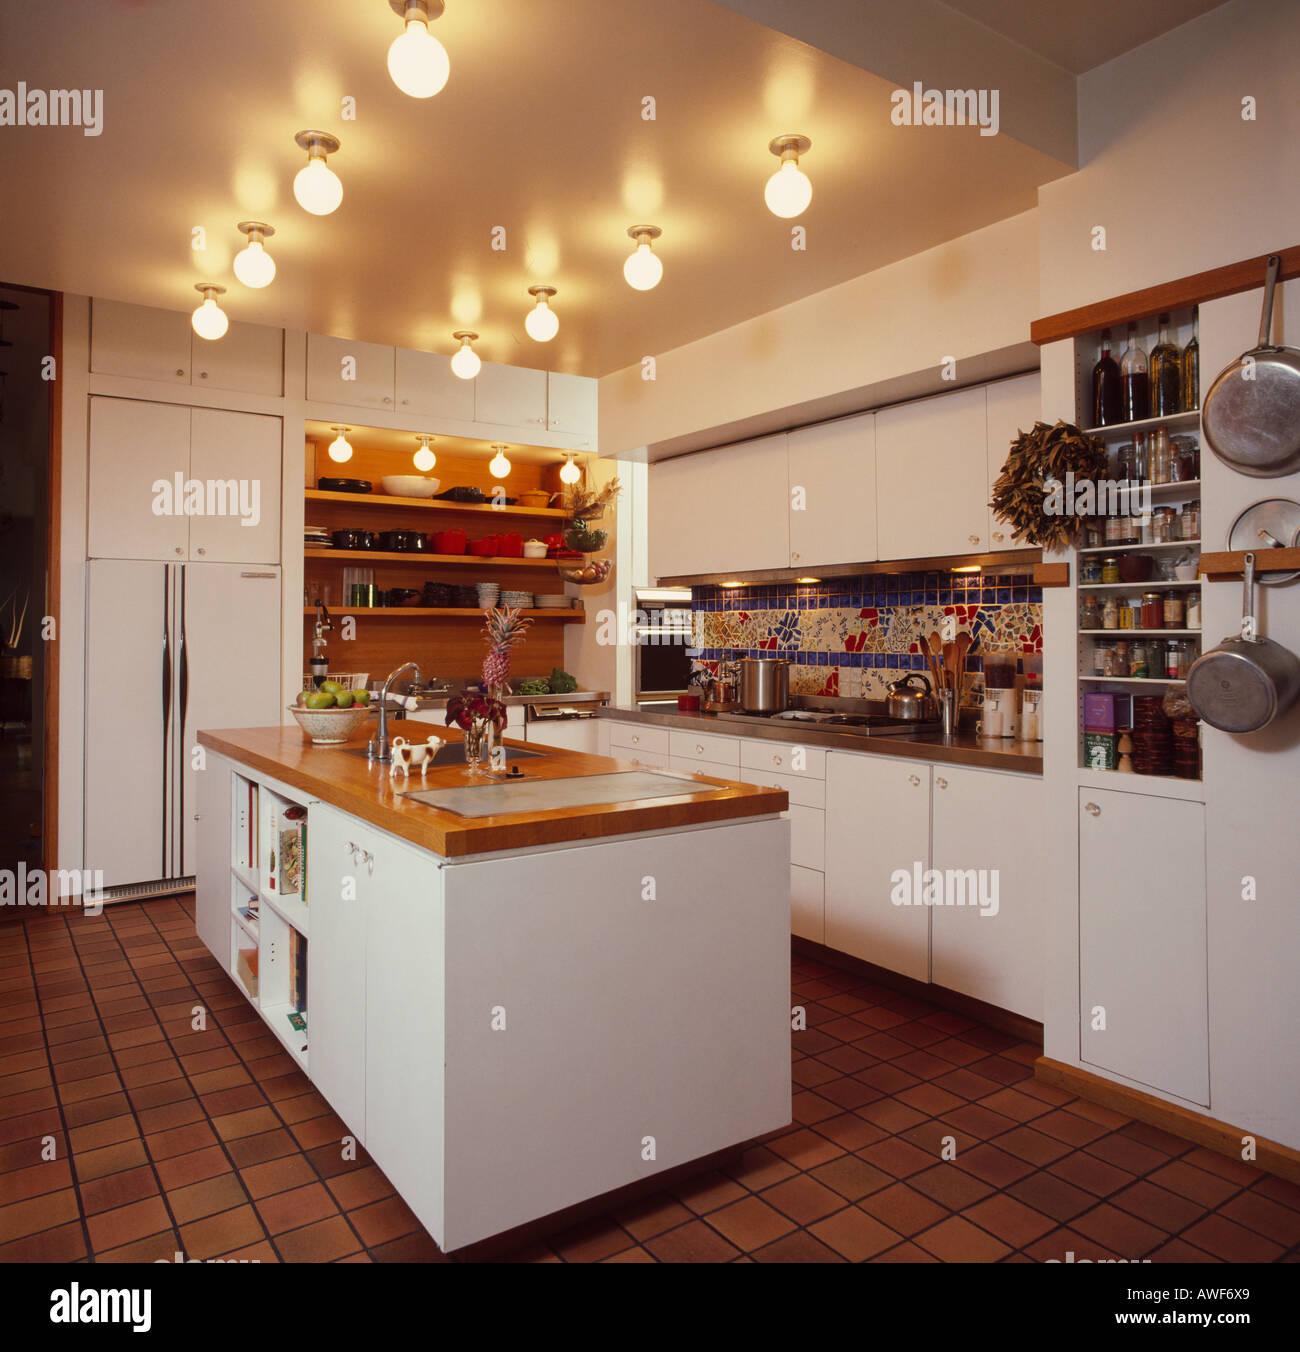 Groß Küche Beleuchtung Ideen Uk Zeitgenössisch - Küchenschrank Ideen ...